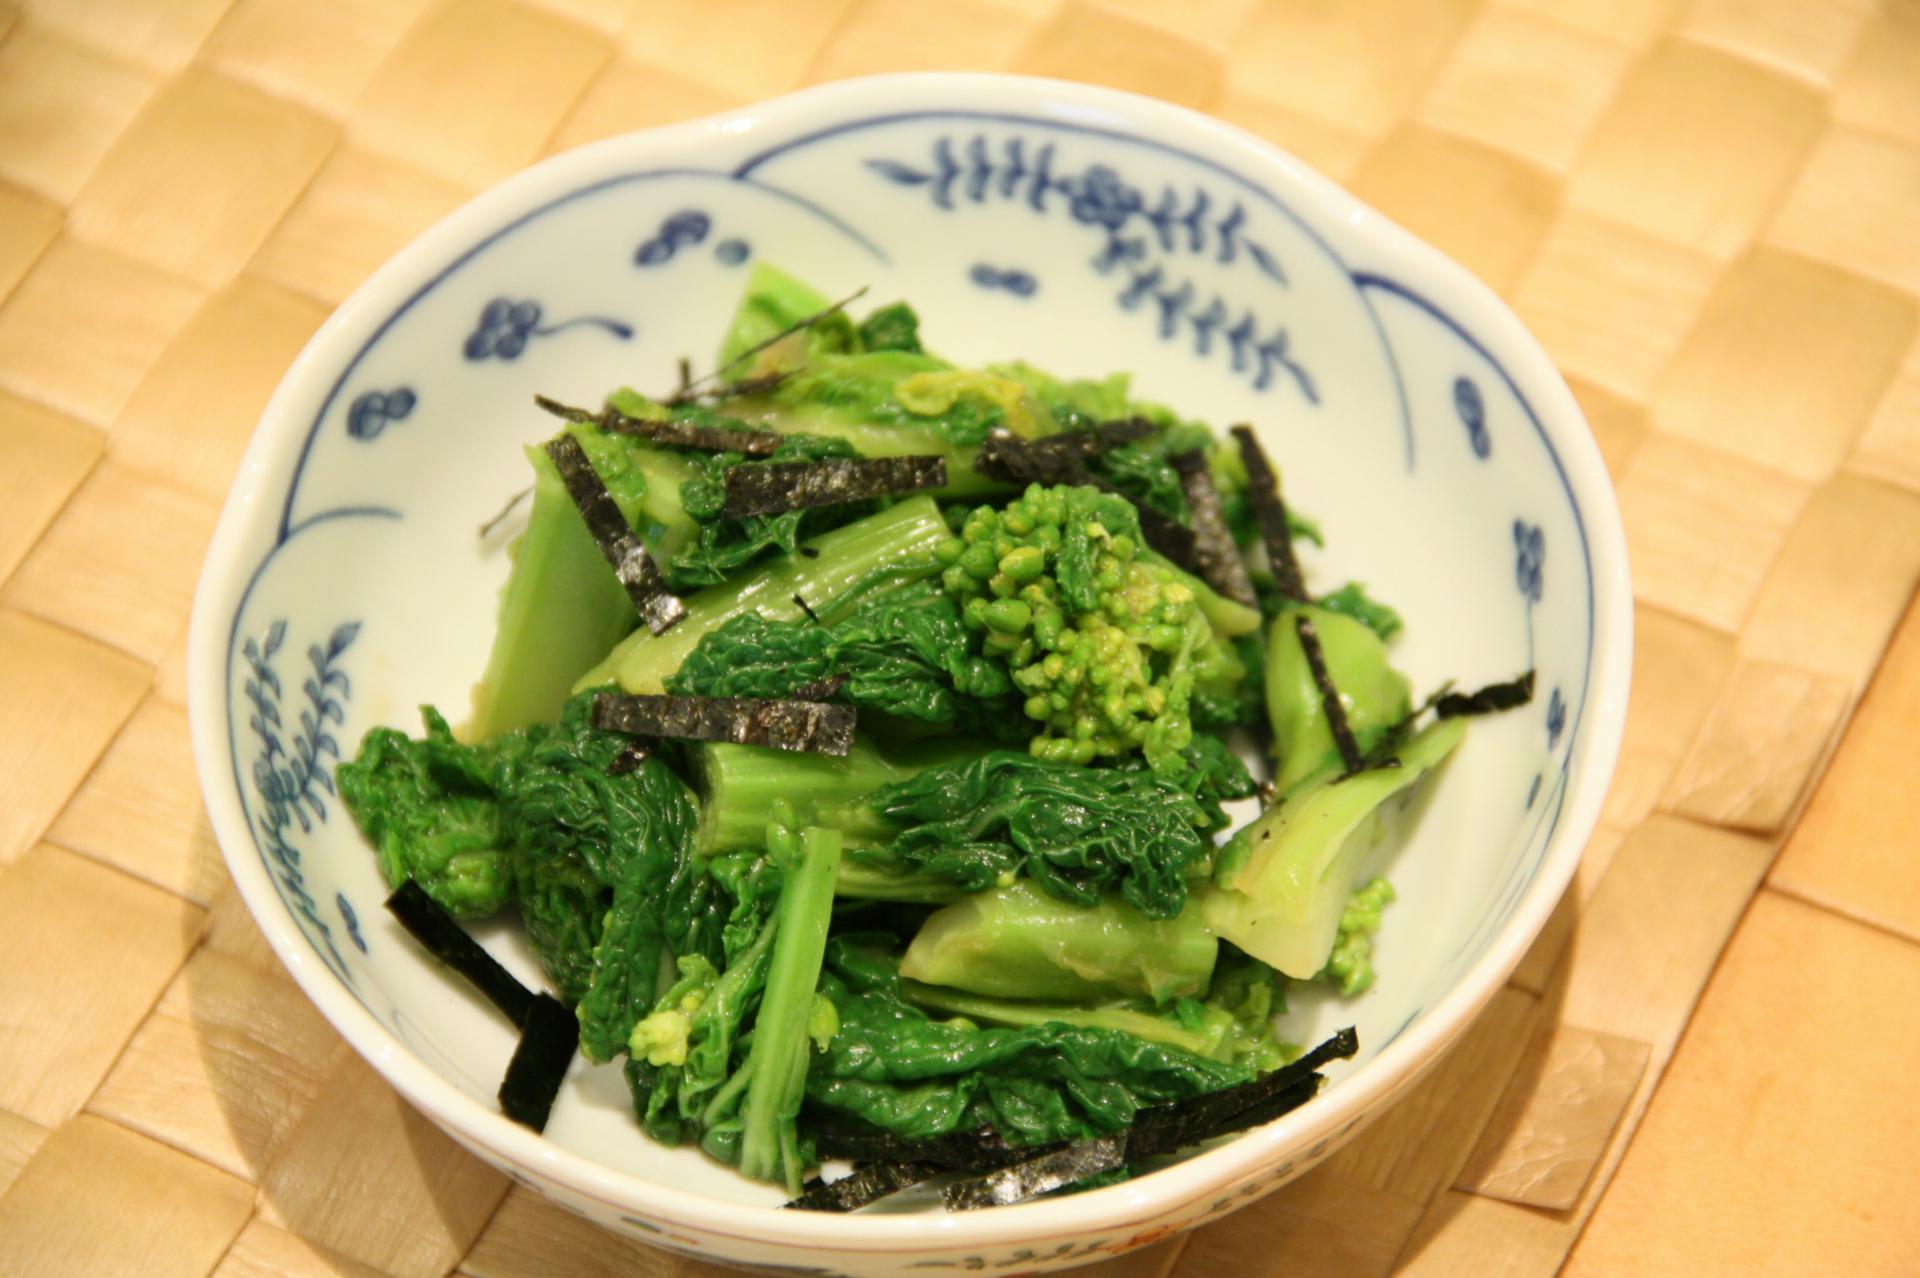 和え 菜の花 辛子 菜の花のからしあえのレシピ・作り方 【簡単人気ランキング】 楽天レシピ